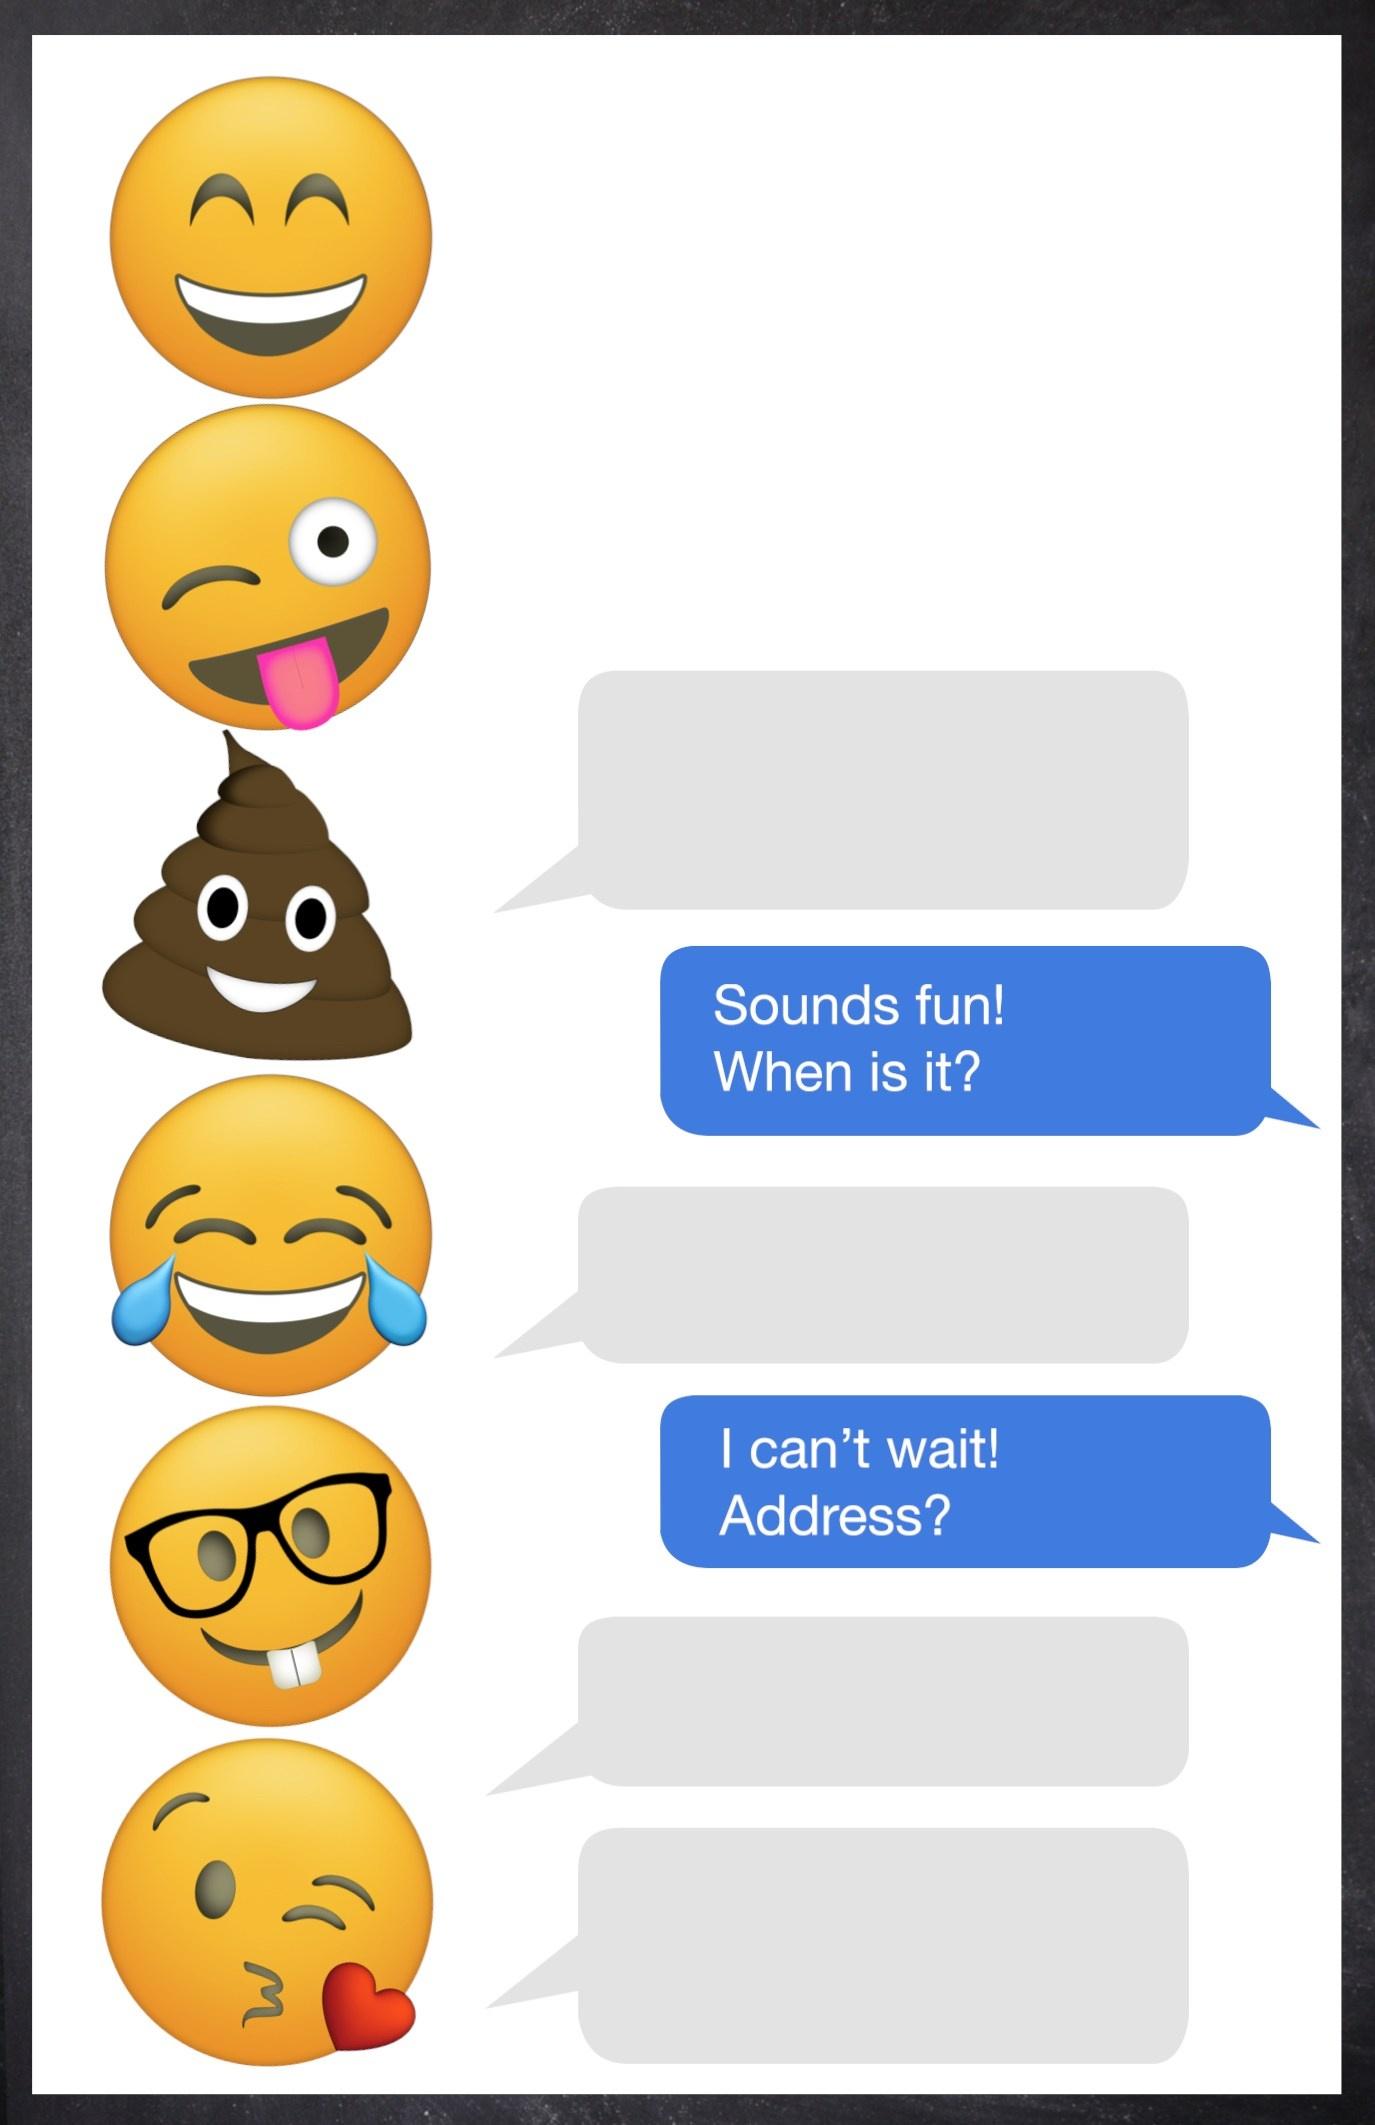 Emoji Birthday Invitations Free Printable Template - Paper Trail Design - Emoji Invitations Printable Free